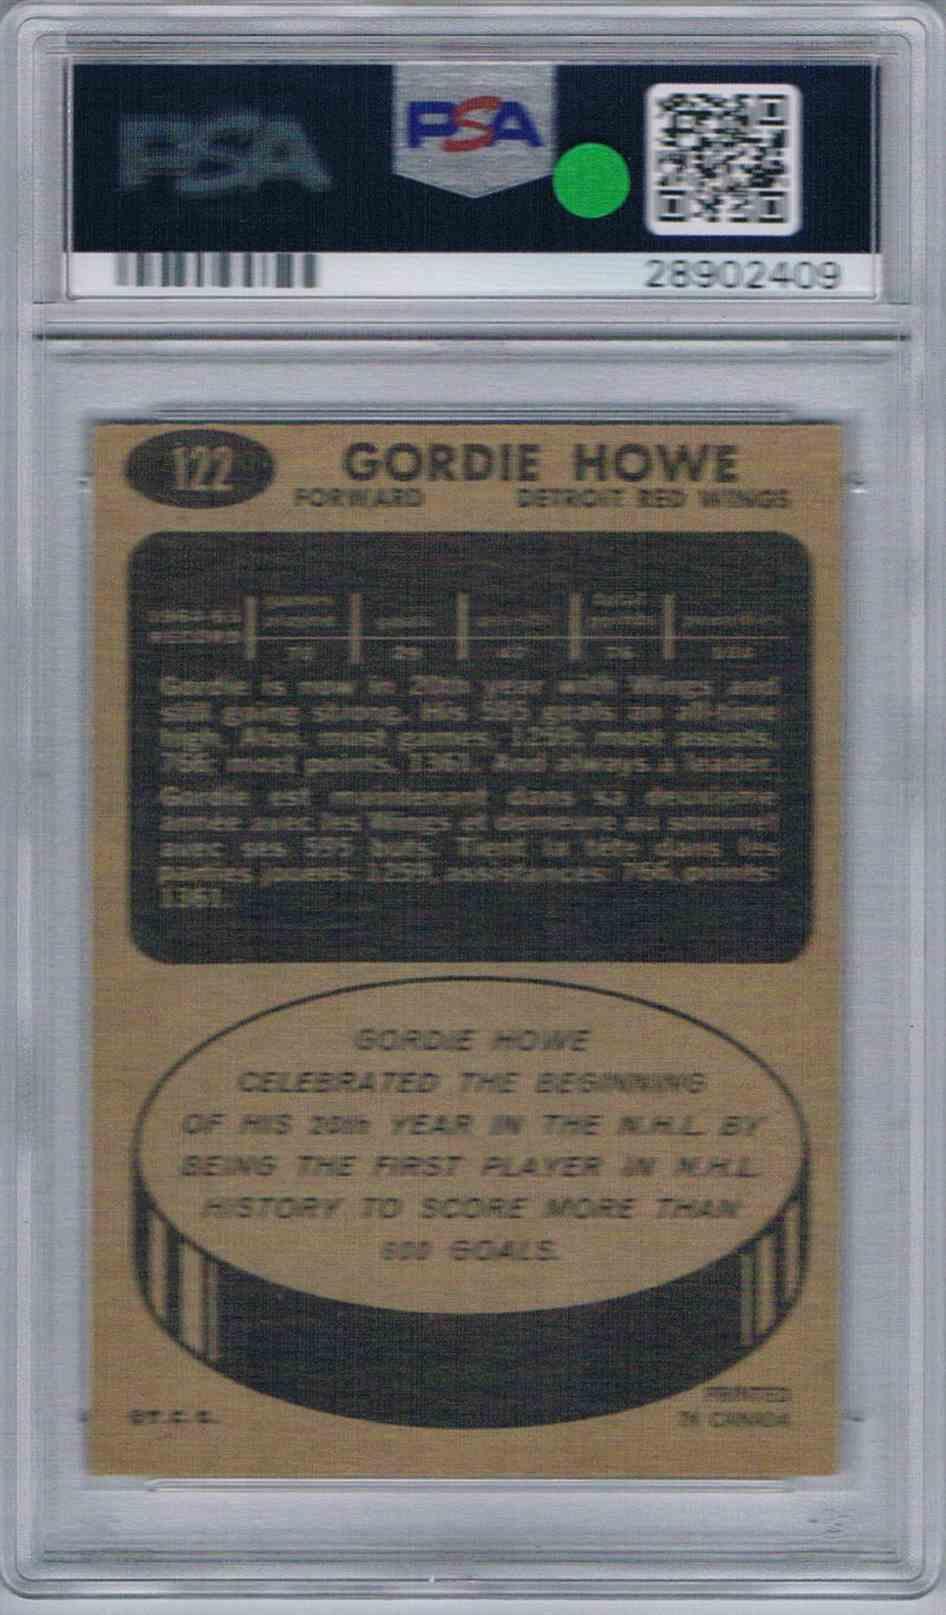 1965-66 Topps Gordie Howe #122 card back image